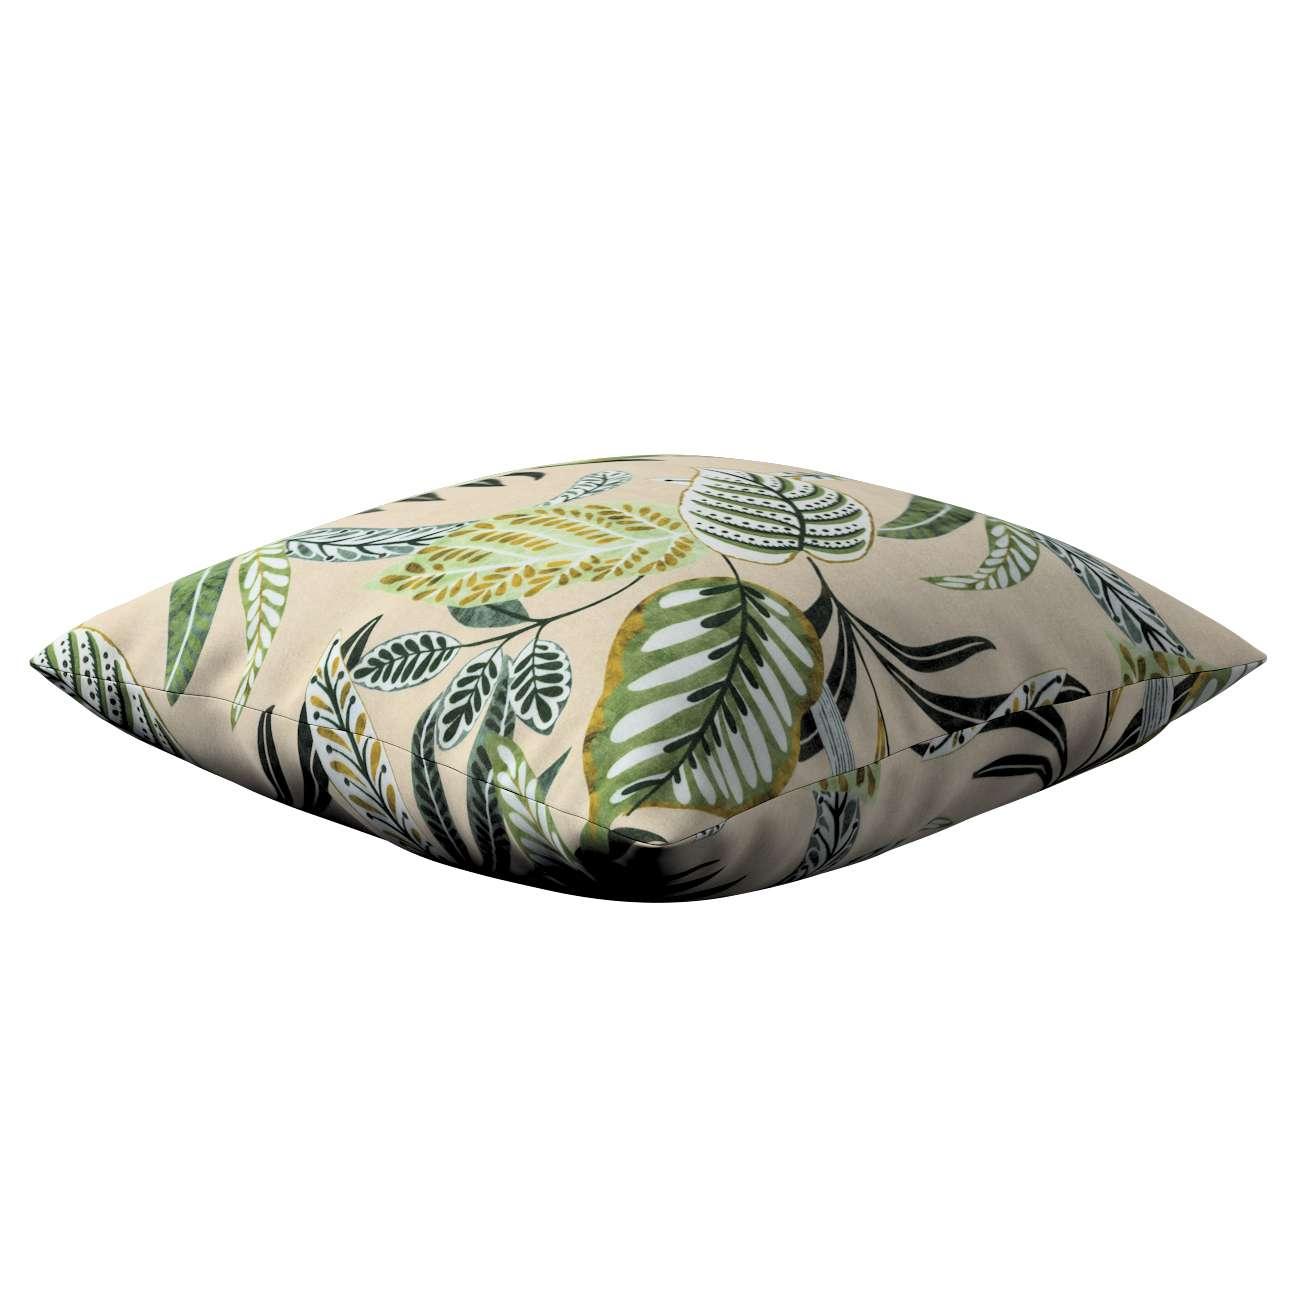 Poszewka Kinga na poduszkę w kolekcji Nordic, tkanina: 142-96